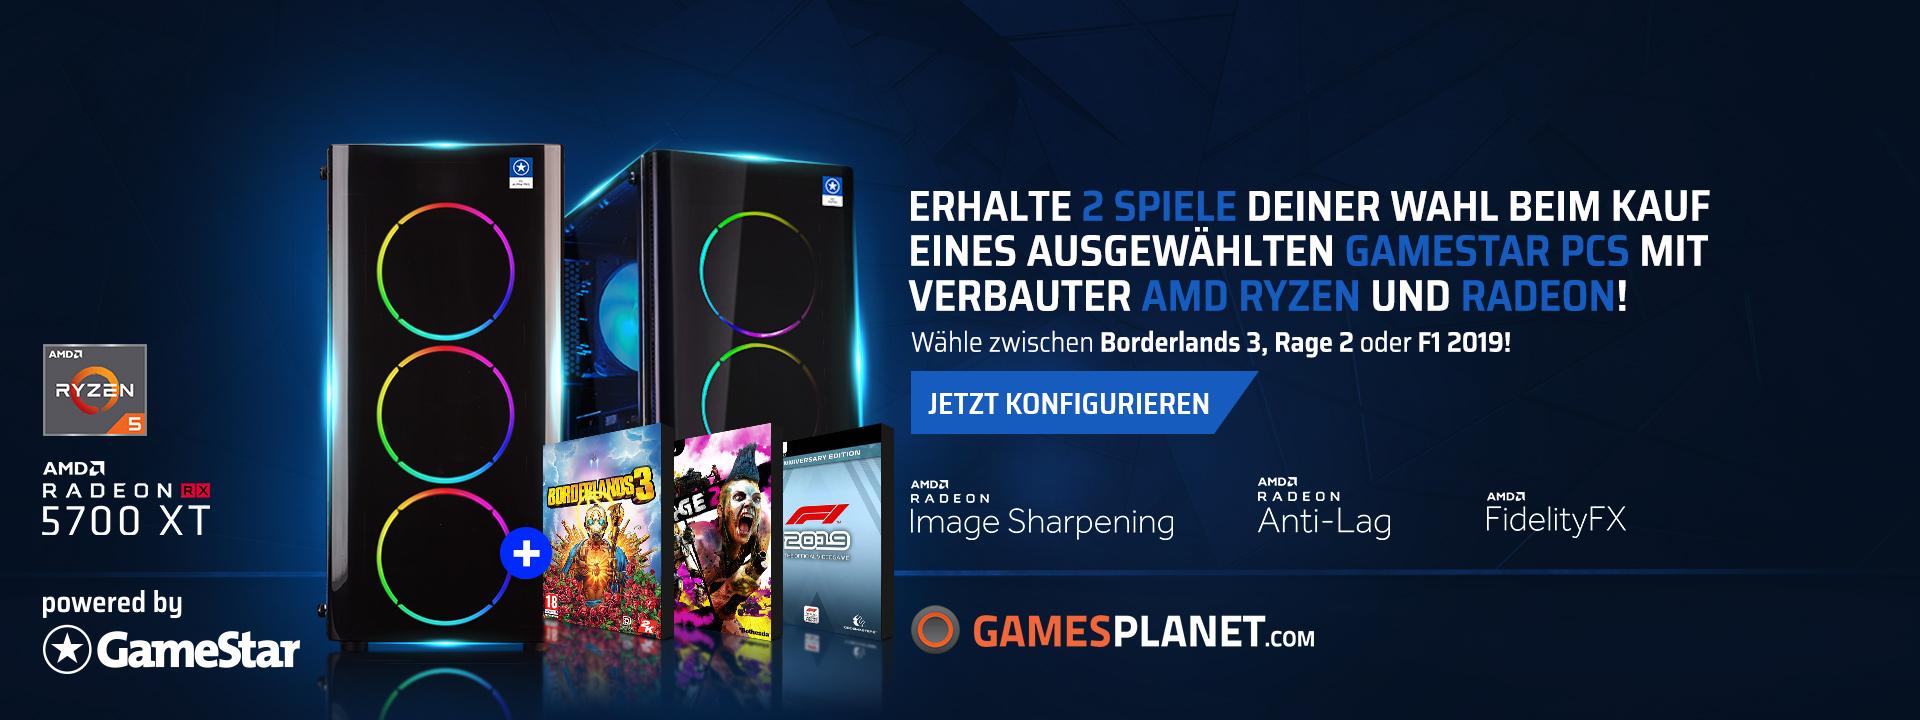 3x Gamestar PC inkl. 2 von 3 Game Bundle (Borderlands 3, Rage 2 und F1 2019)